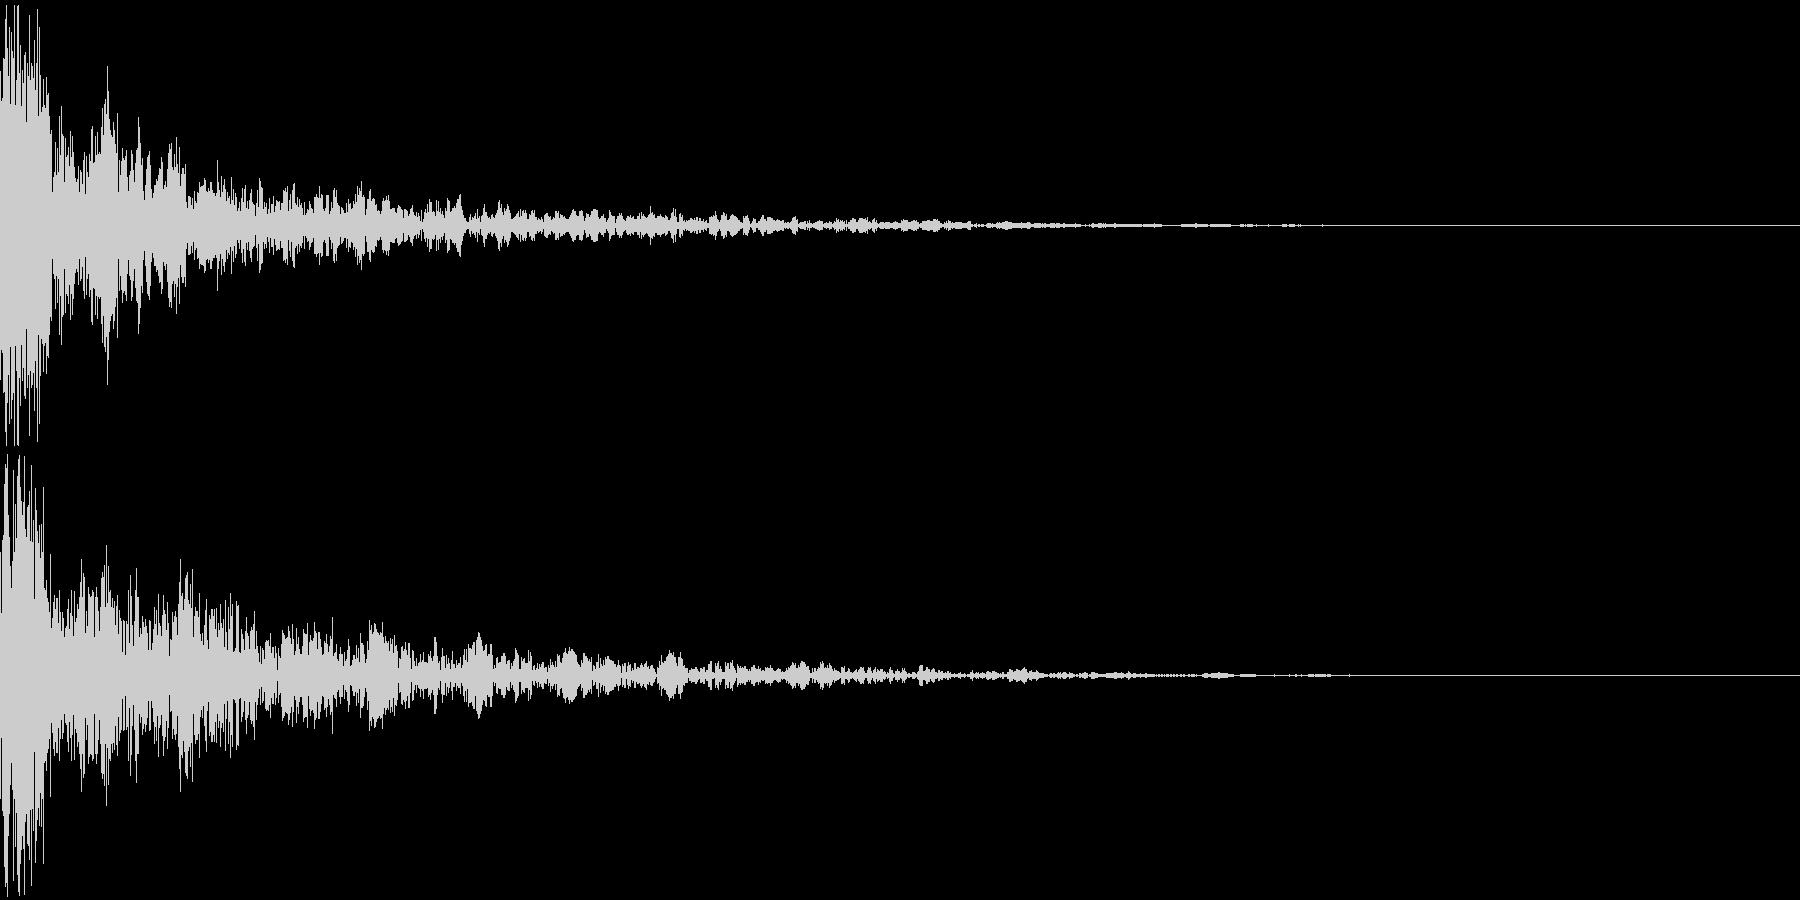 ドーン-22-2(インパクト音)の未再生の波形